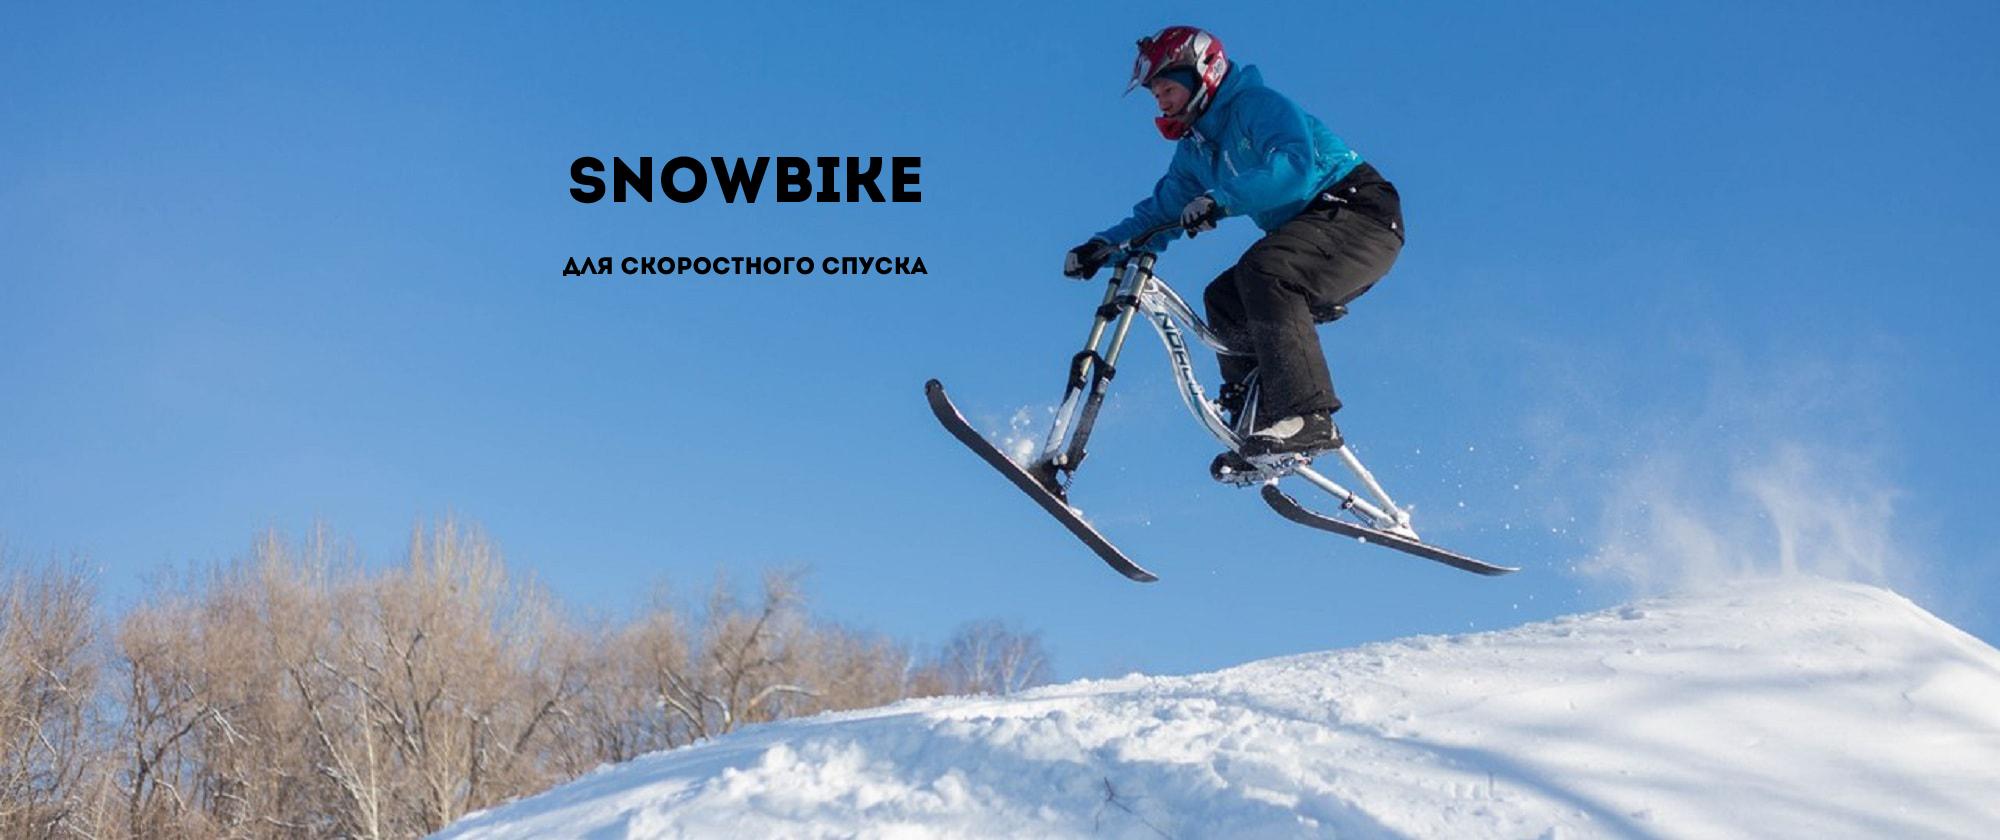 Snowbike_2